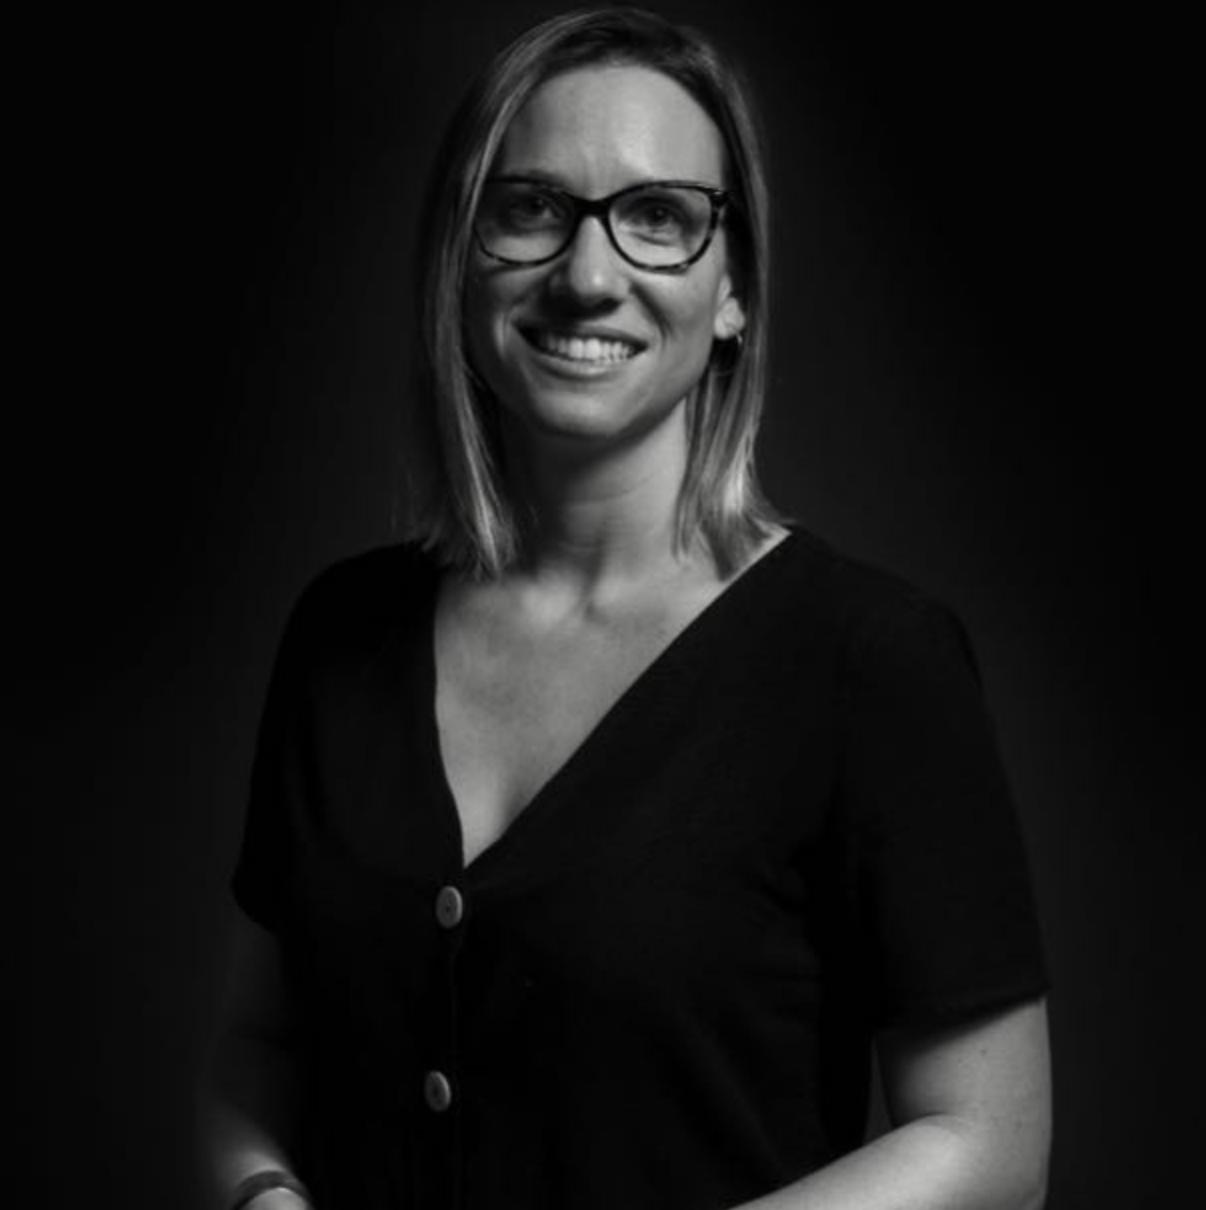 Dra. Teresa Brotons